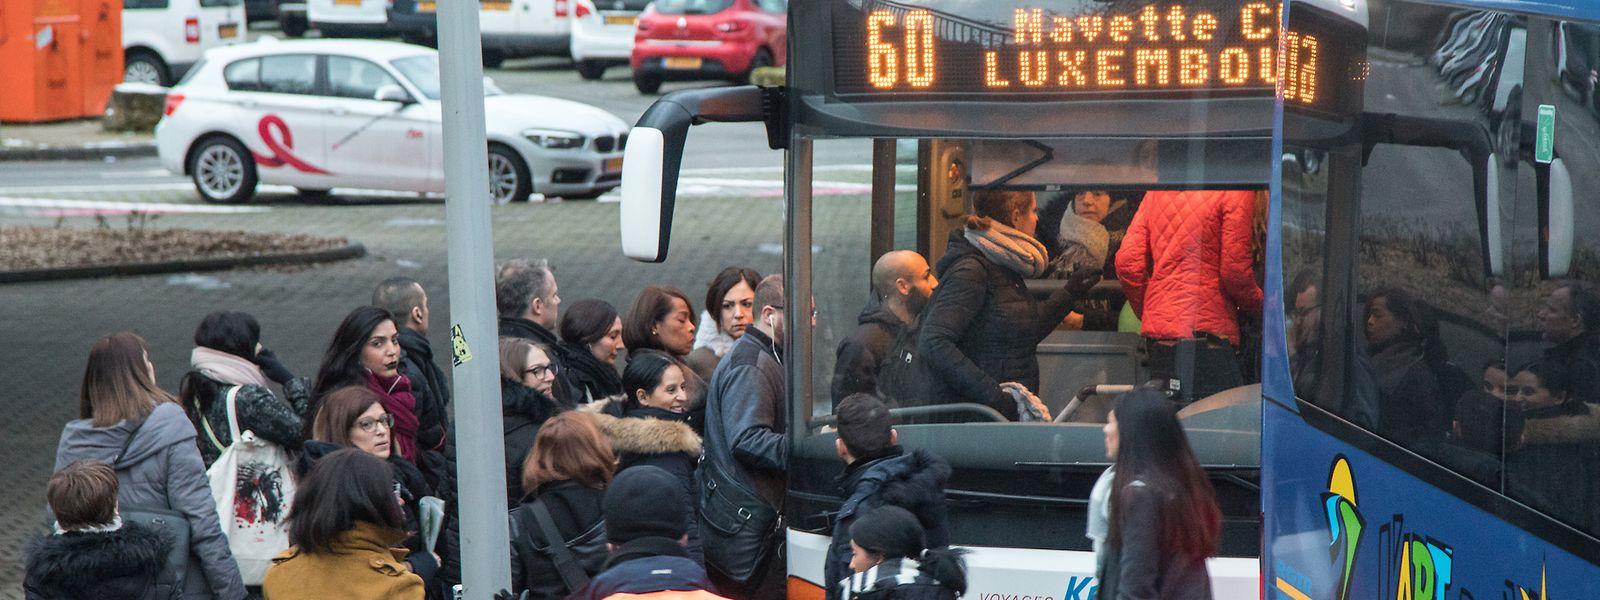 Les voyageurs étaient moins nombreux qu'au mois de juillet à emprunter les bus de substitution ce lundi matin.